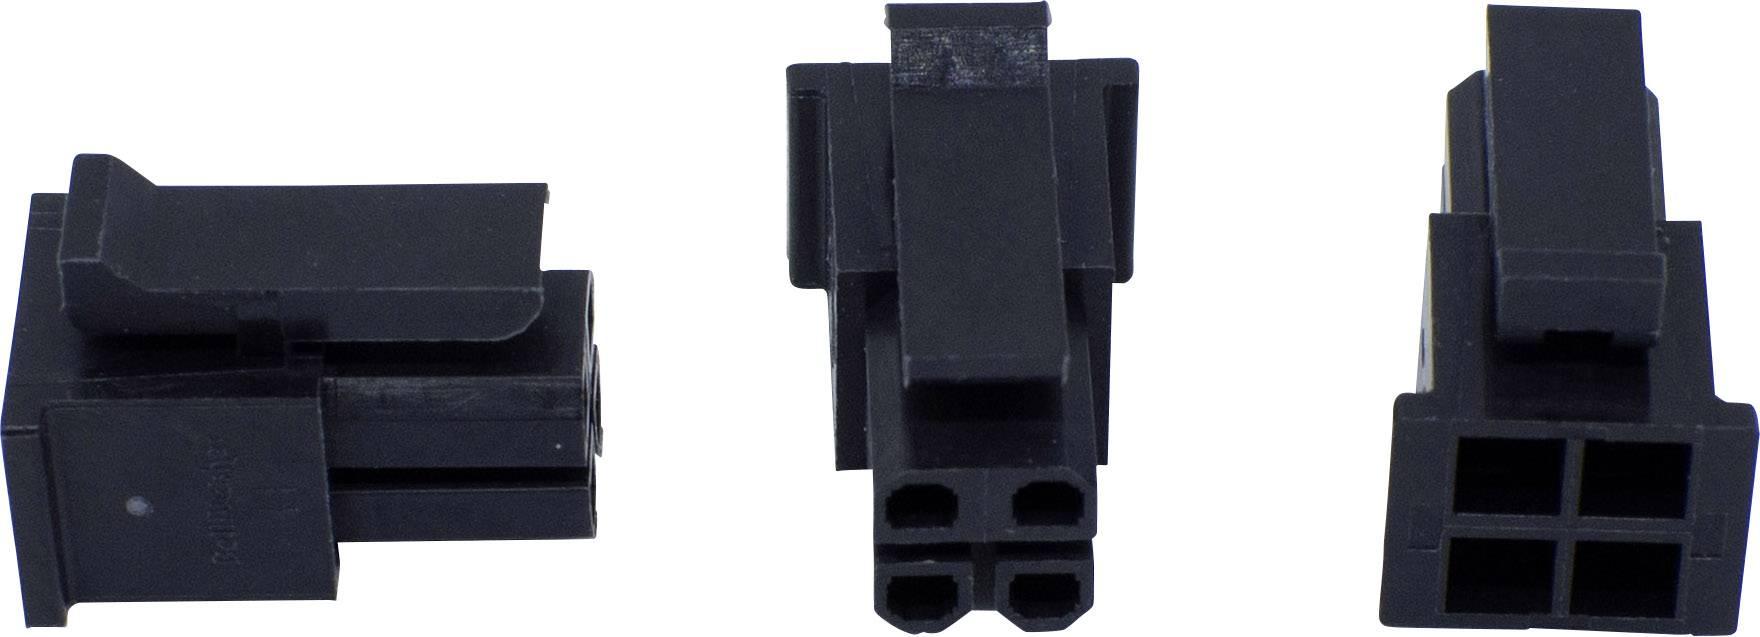 Zásuvkové púzdro na kábel BellWether 70093-0600, pólů 6, rozteč 3 mm, 1 ks